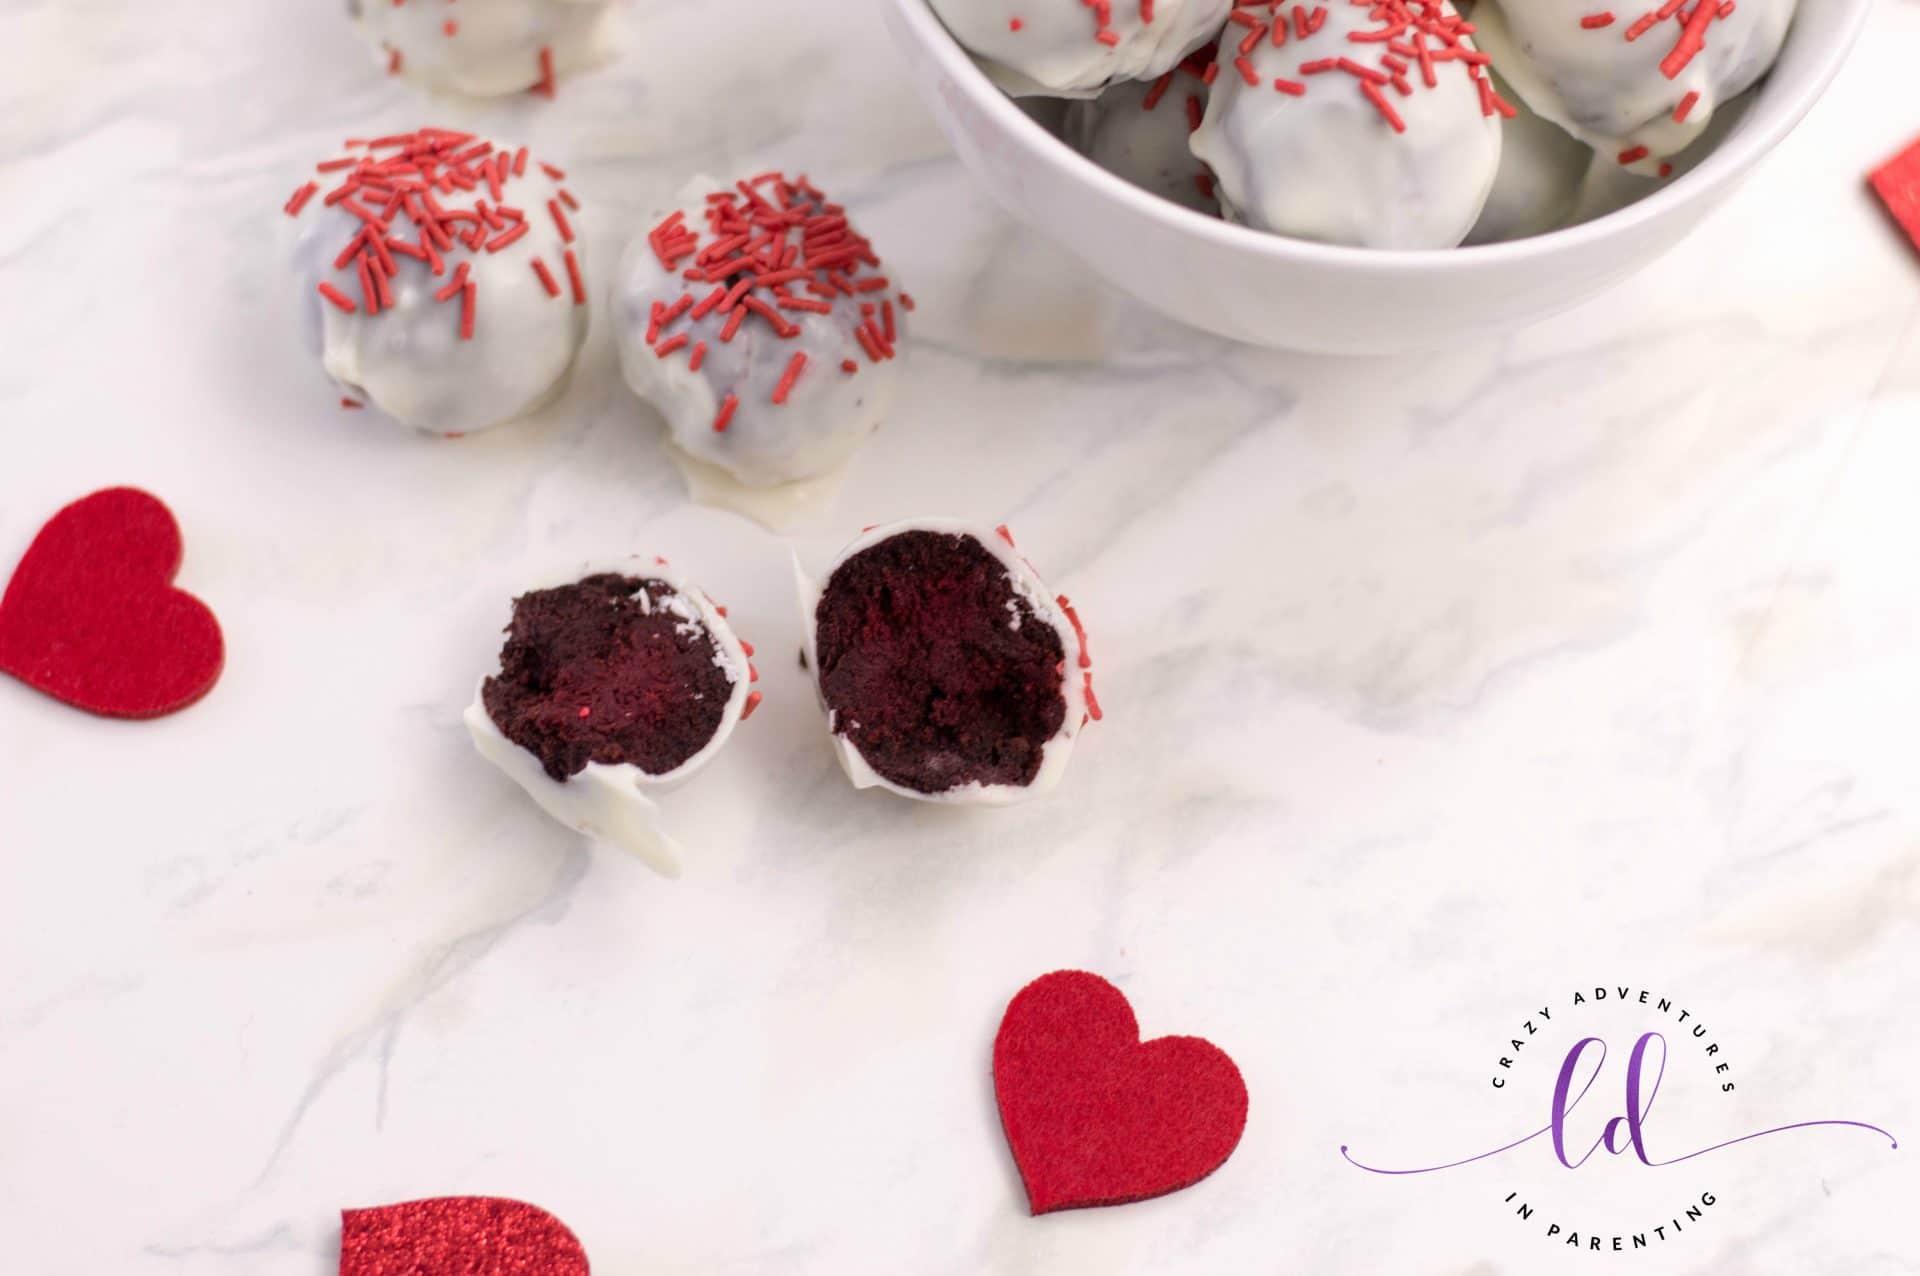 Cake-Filled Red Velvet Truffles